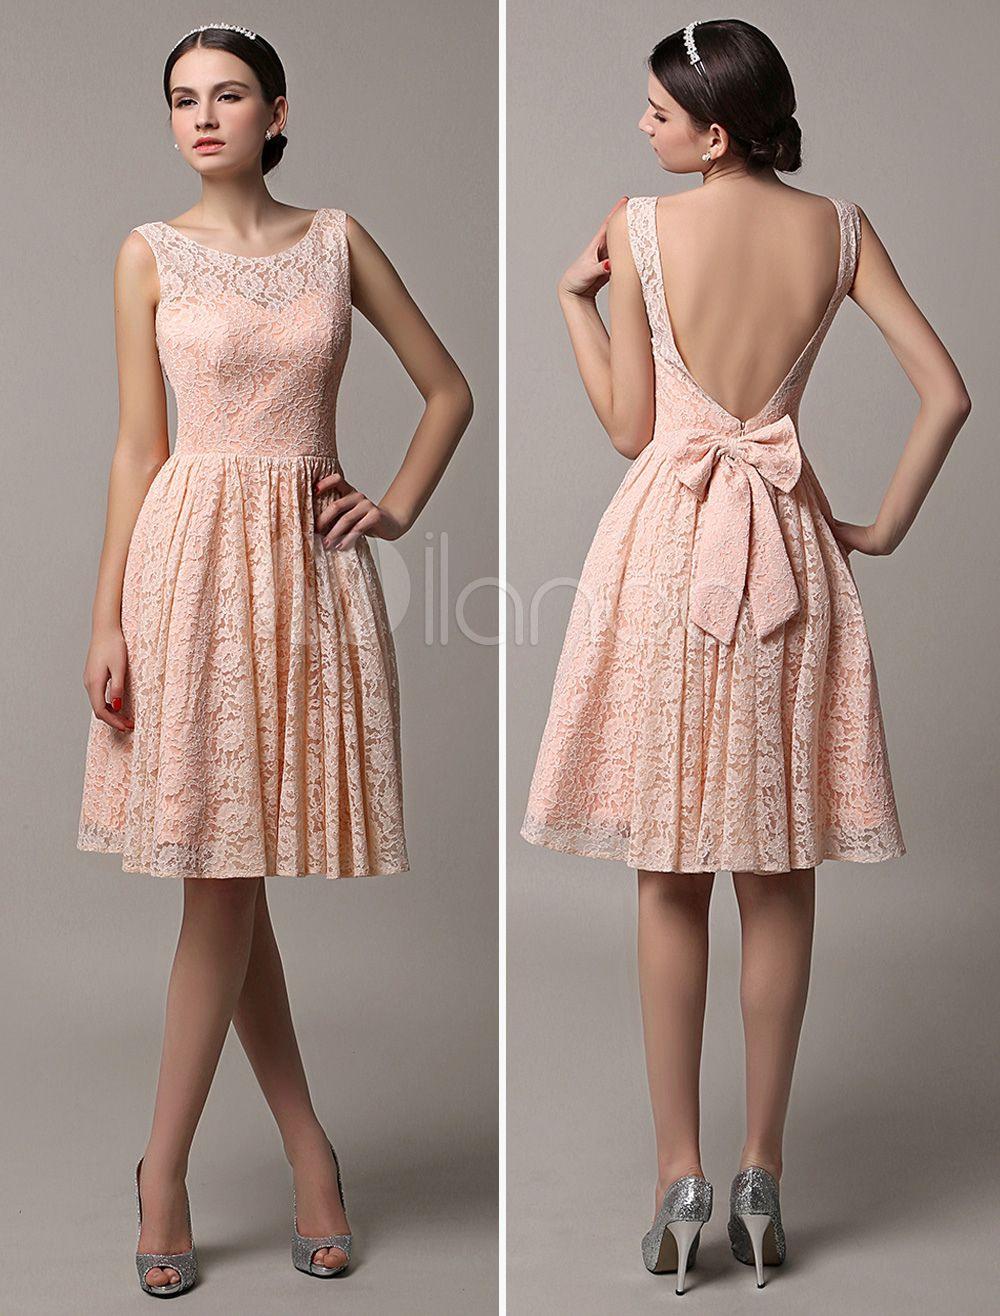 Etui-Brautjungfernkleid Kurz Aus Spitze In Rosa Kleider Für